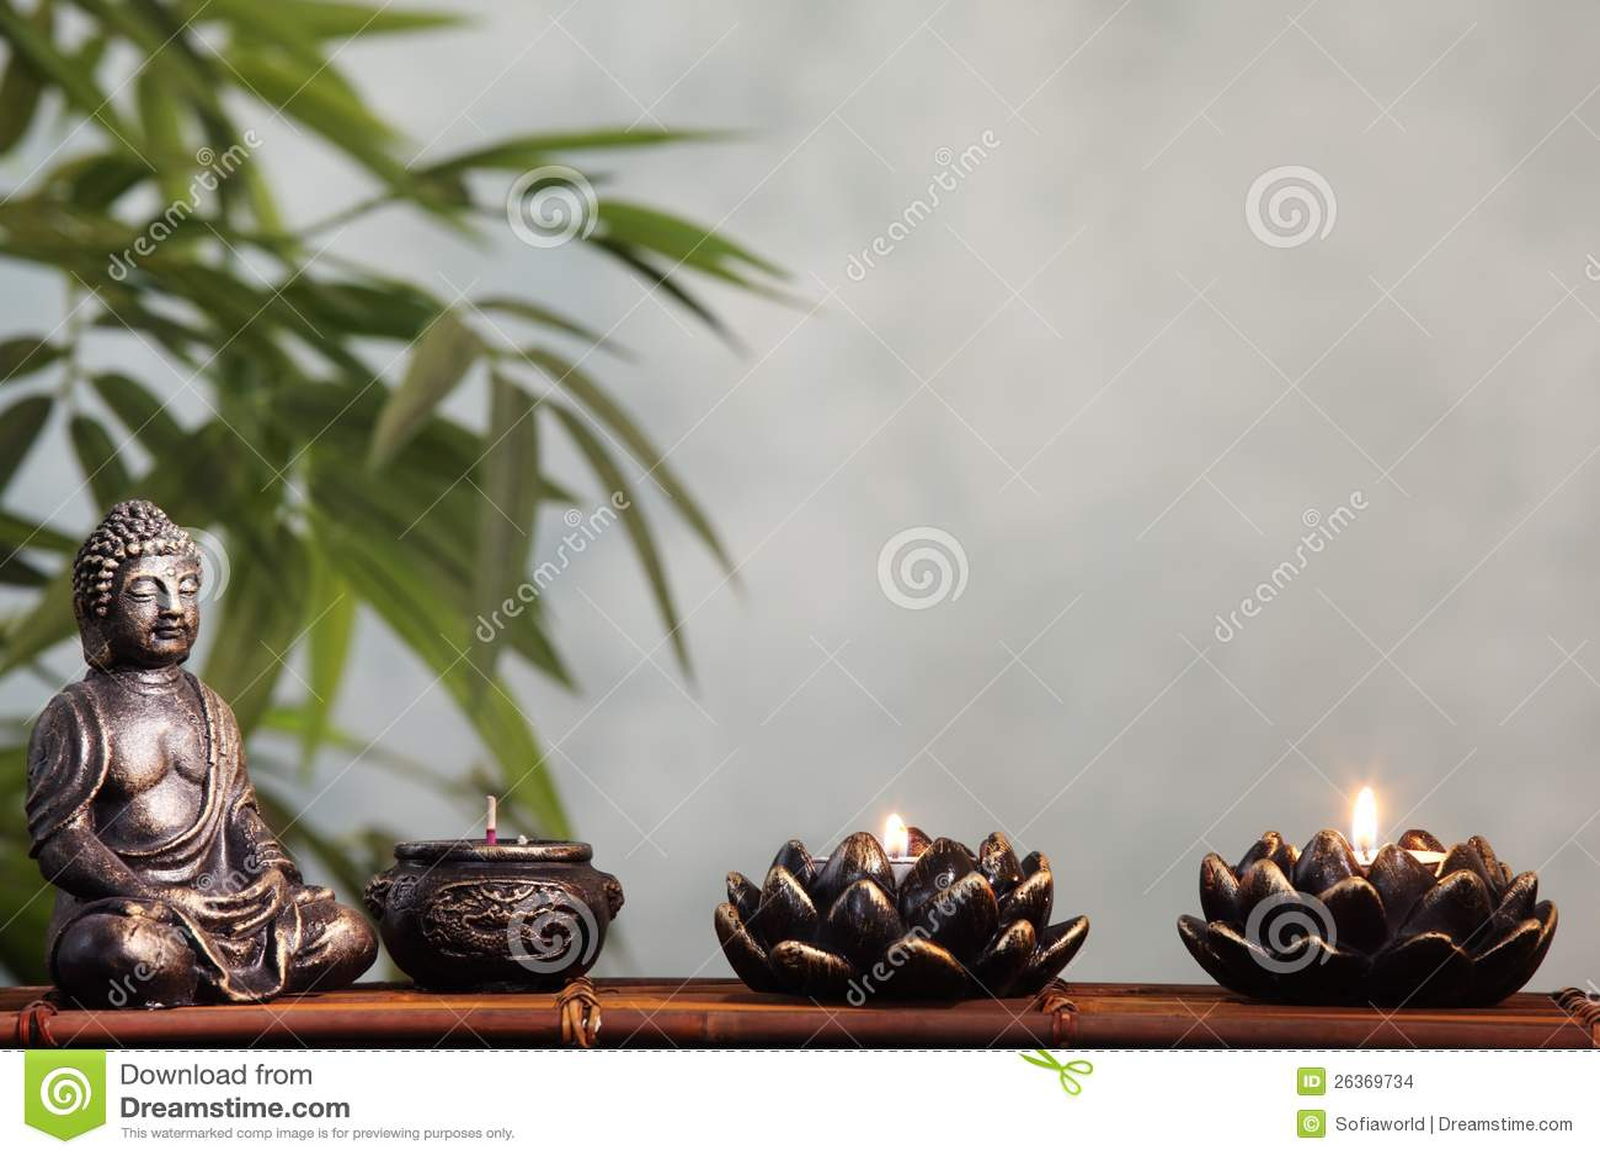 Bambusblatt im Vase